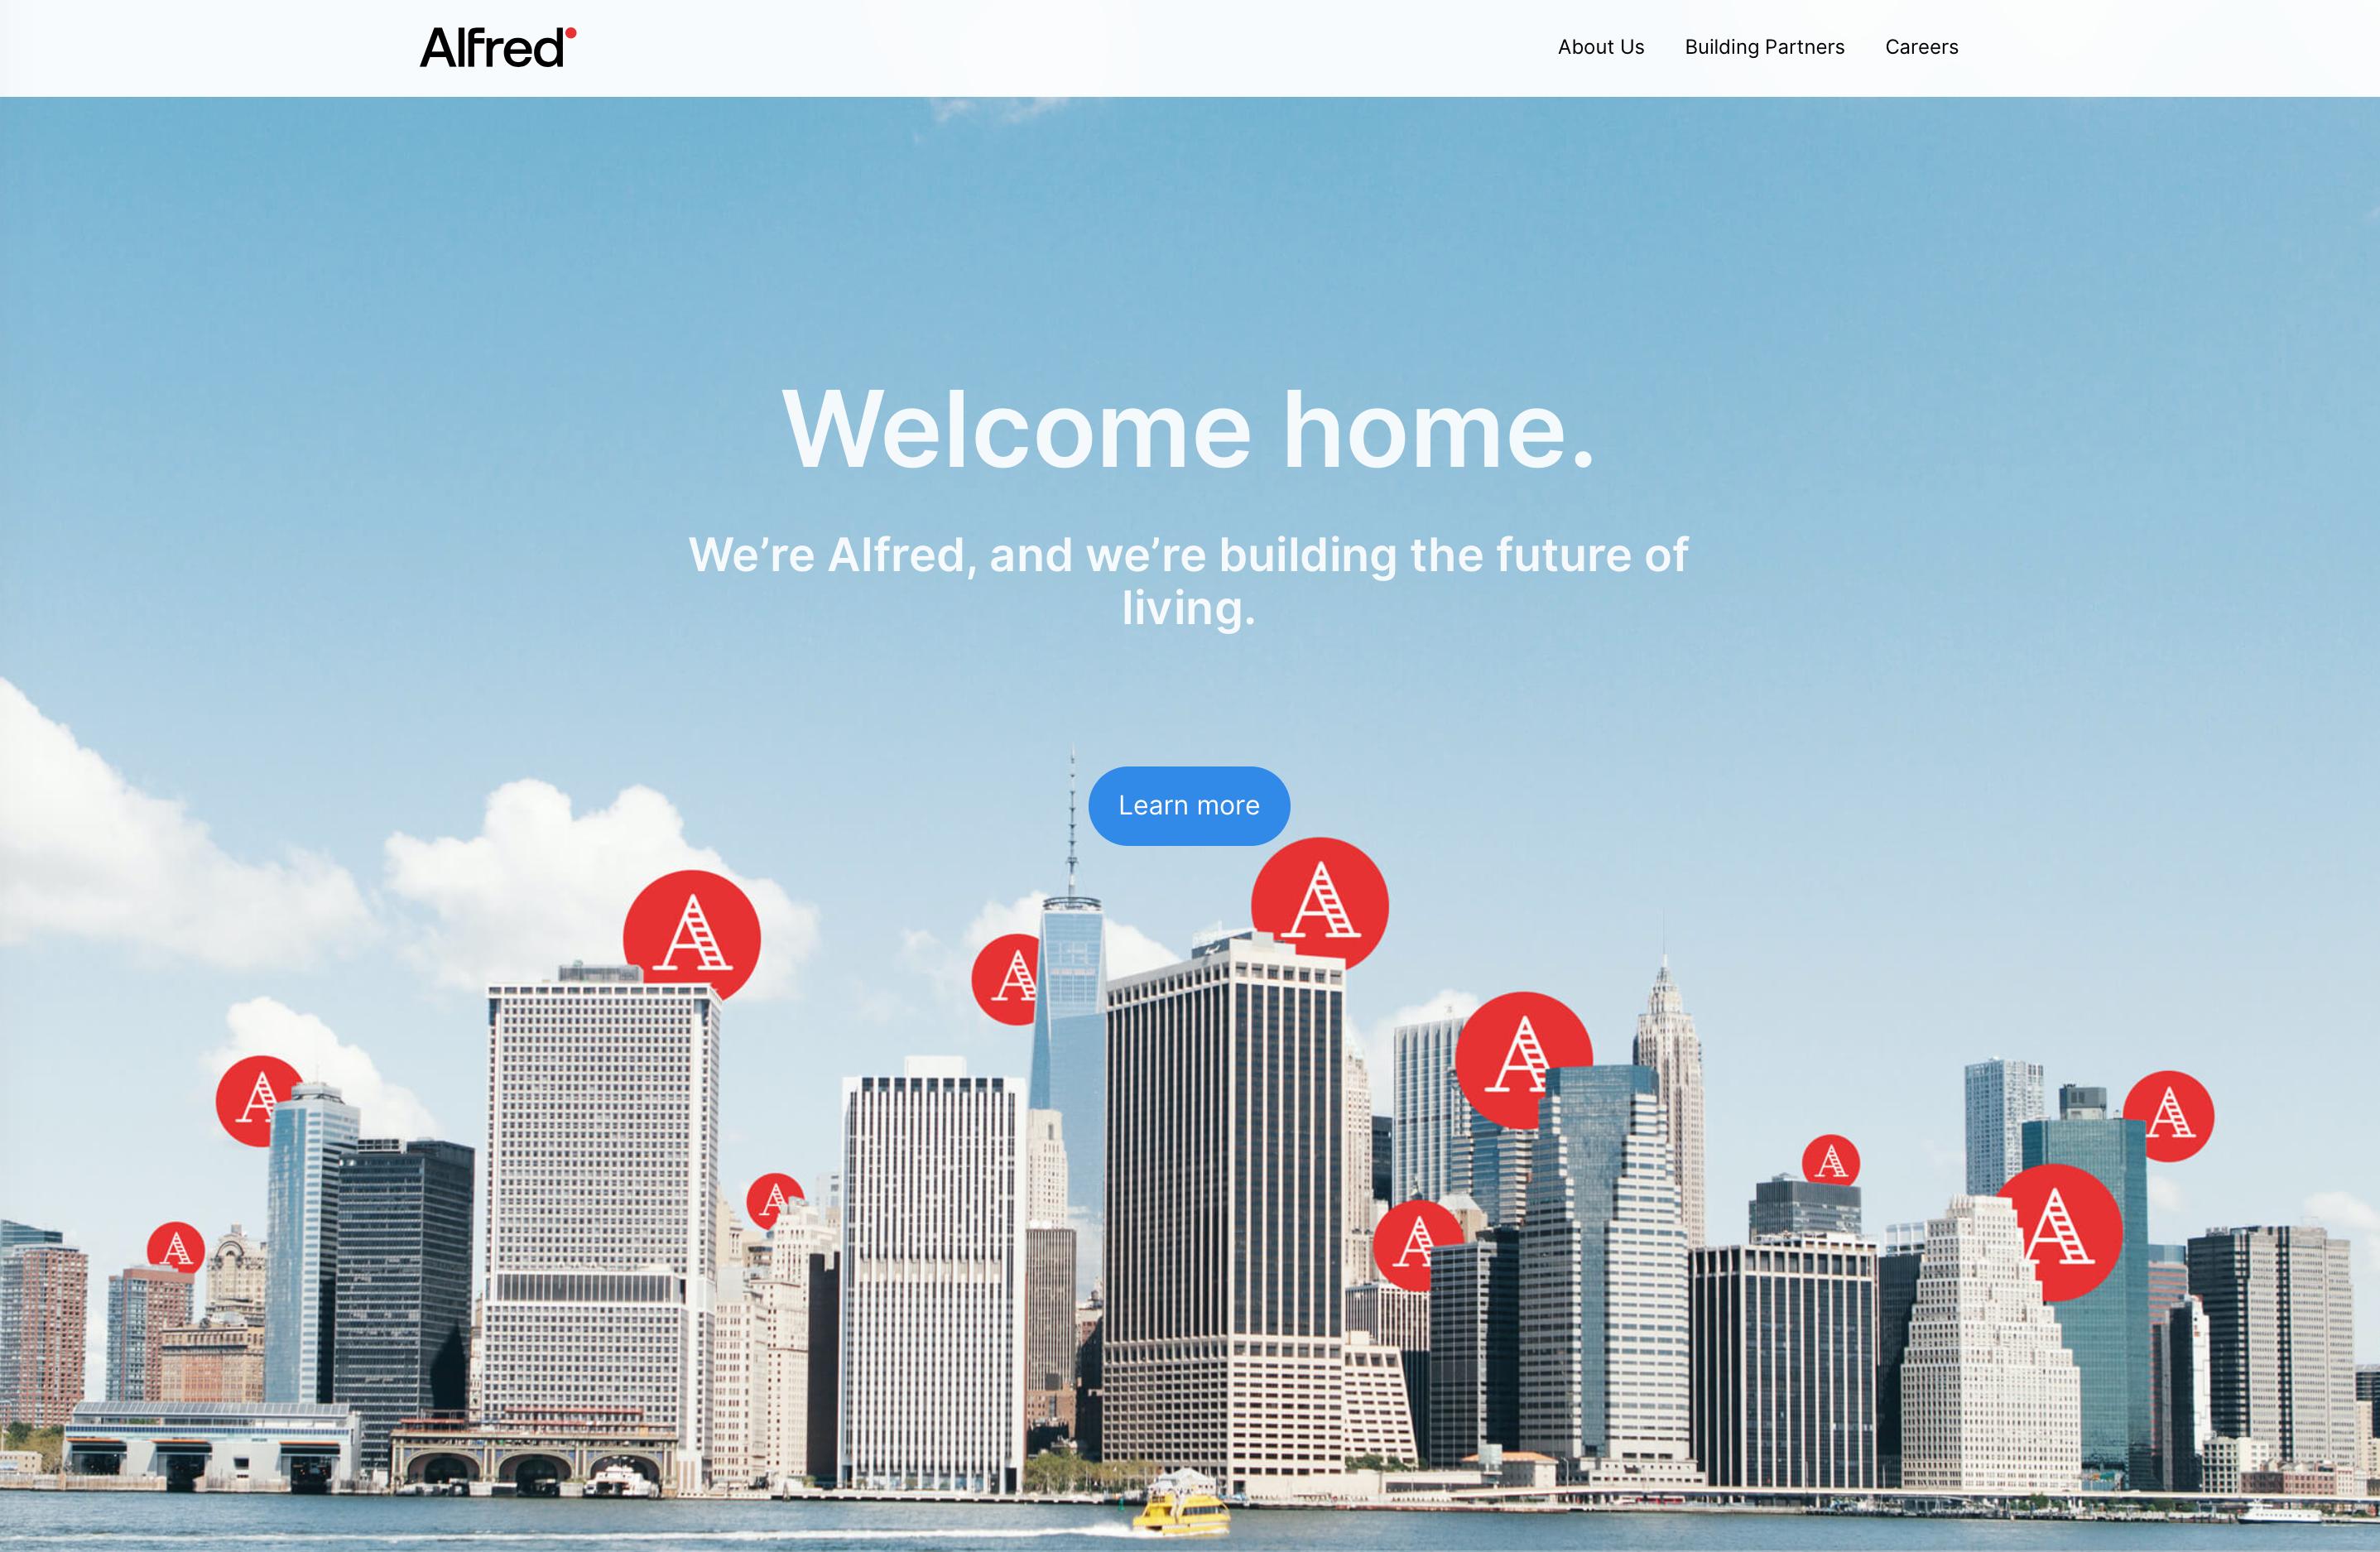 美国按需家政服务创业公司 Alfred 完成4200万美元C轮融资